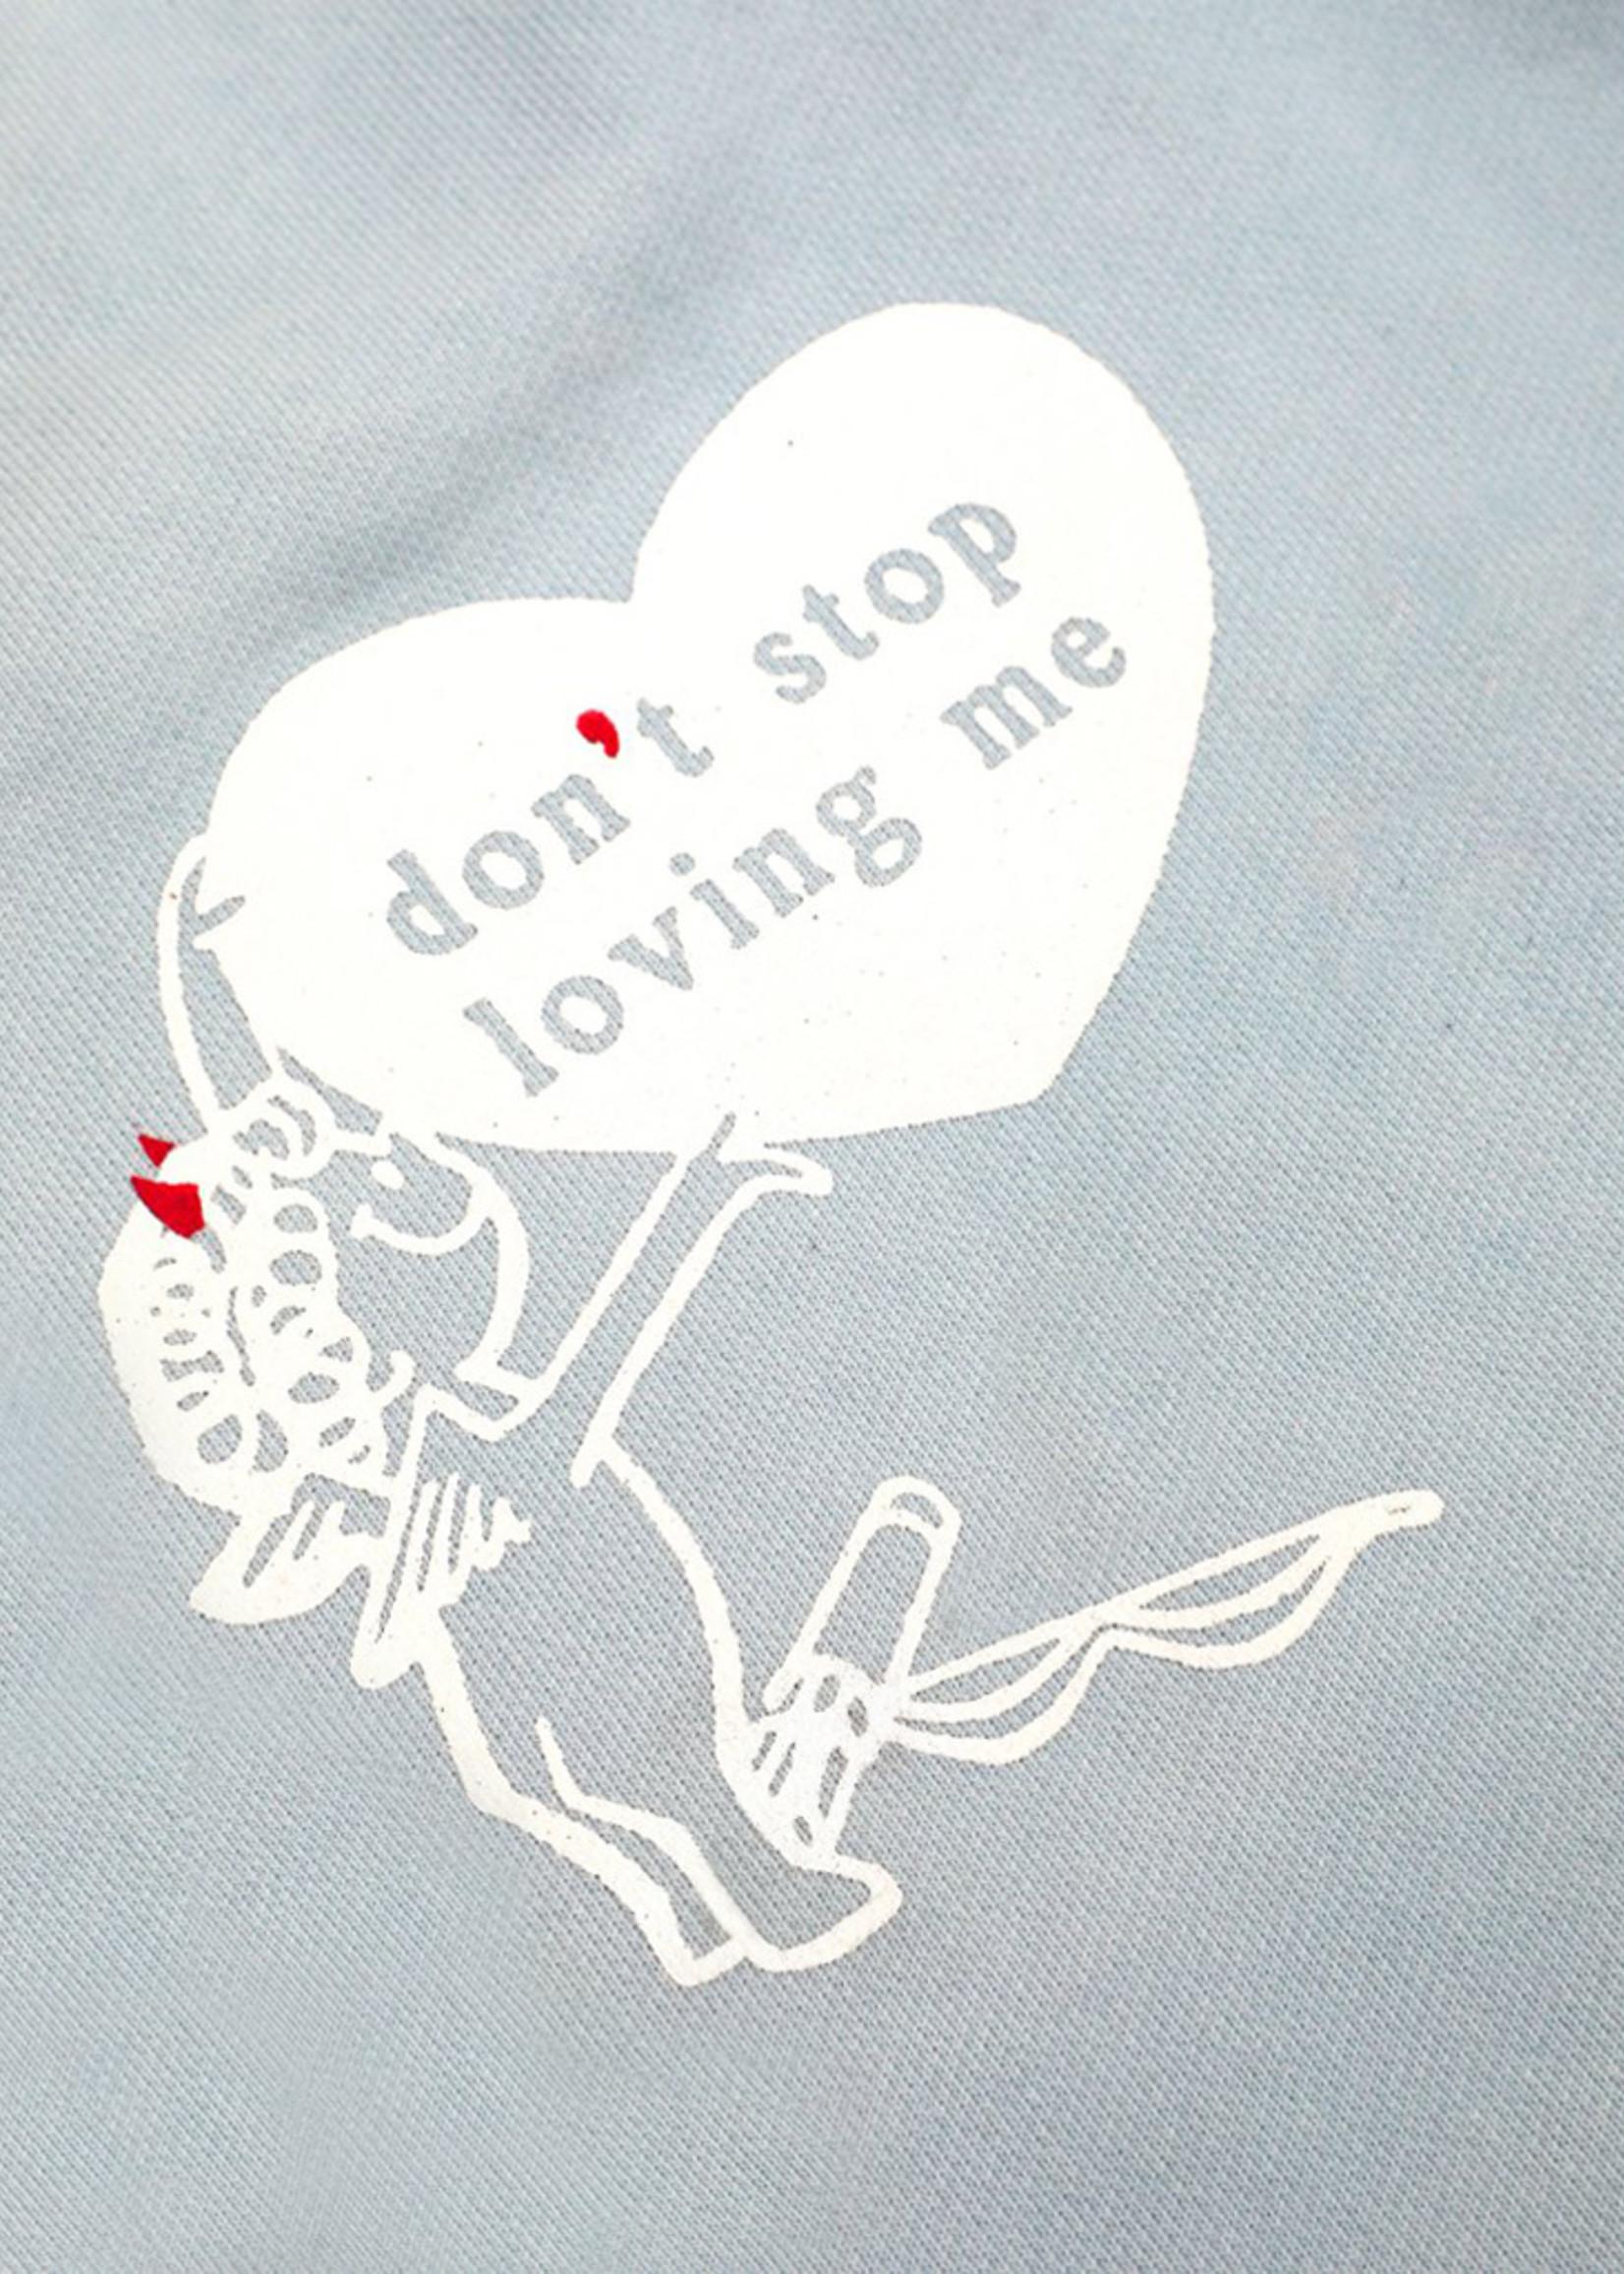 BOYS LIE BOYS LIE / Don't Stop Loving Me Sweatpants